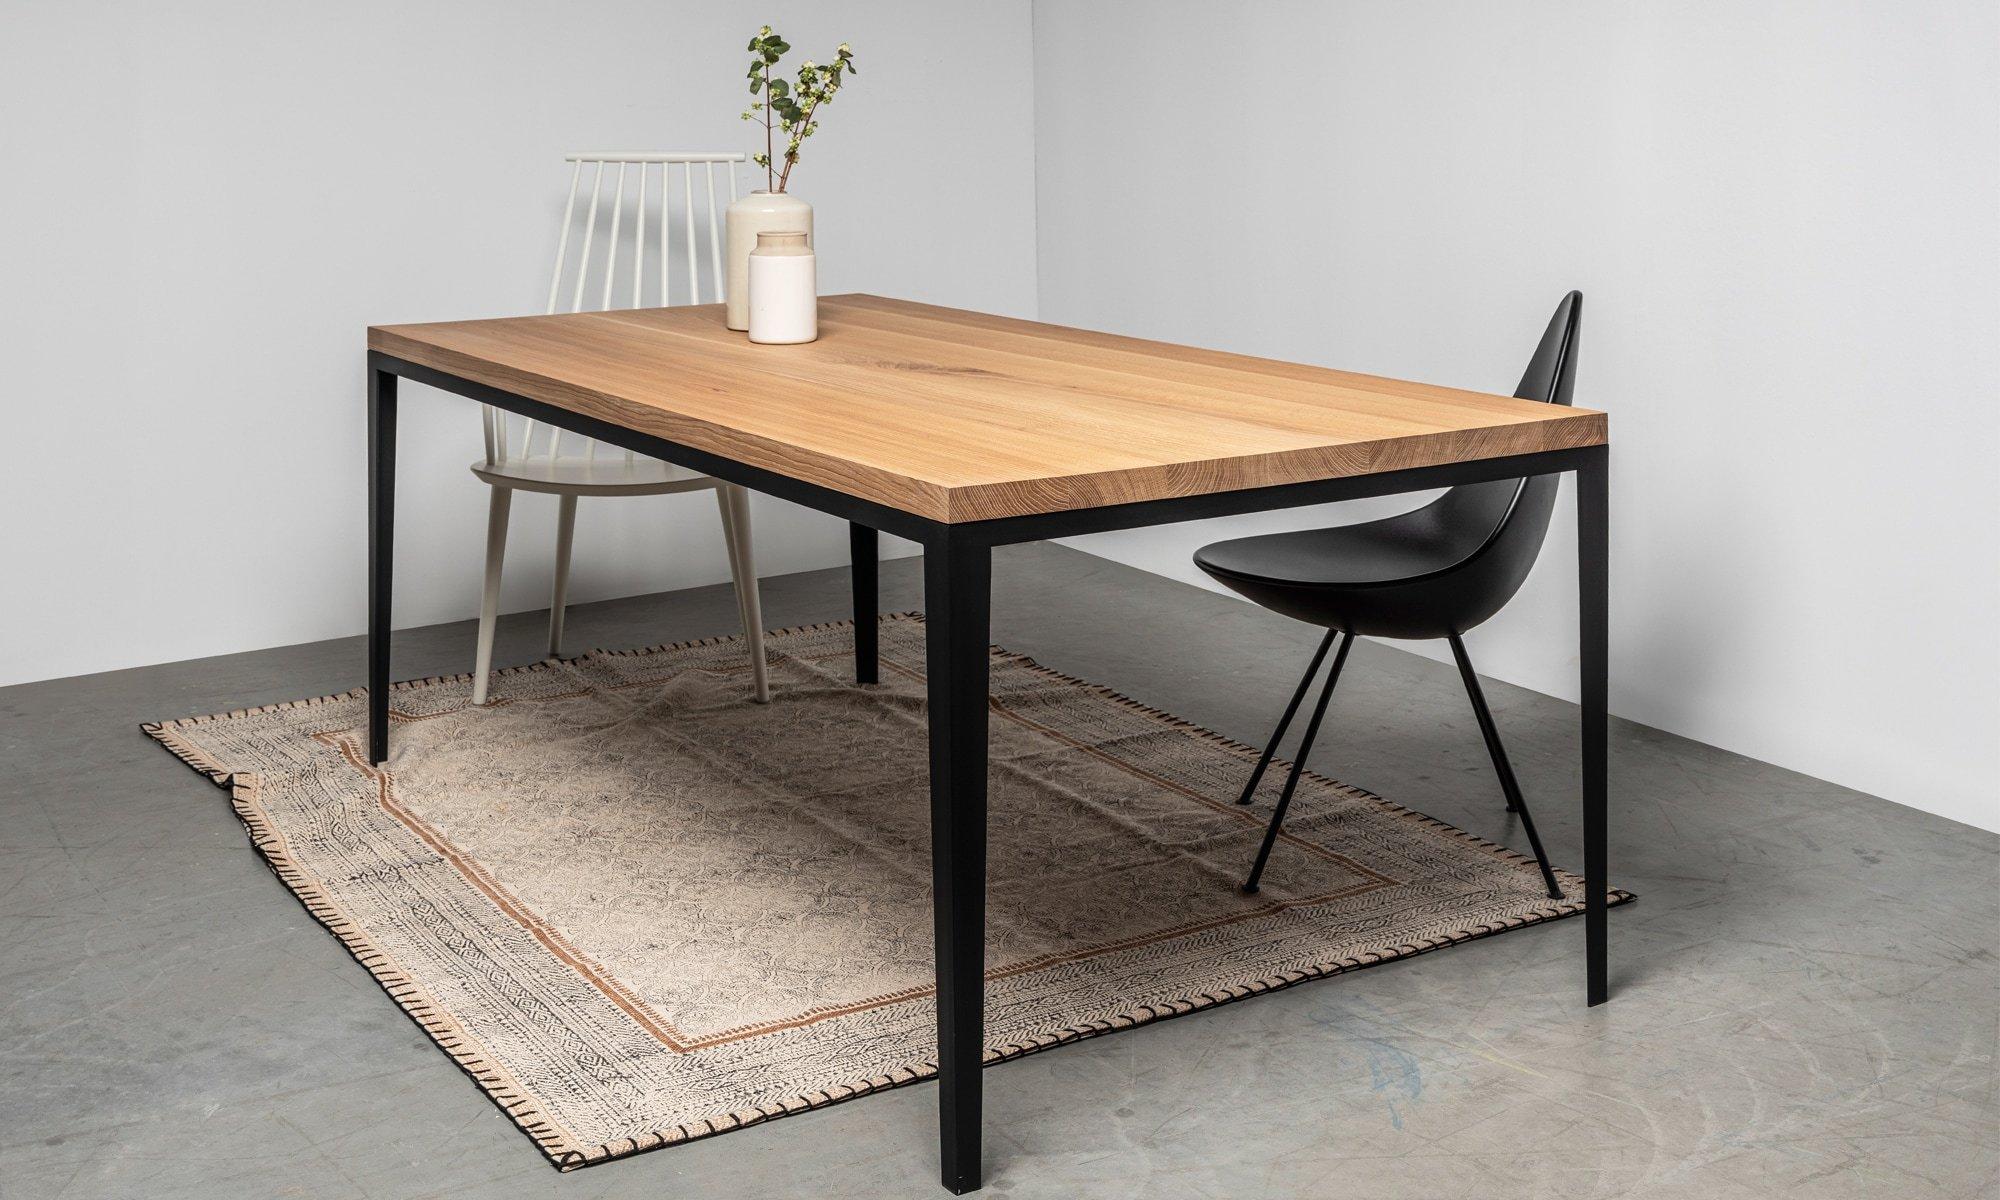 prosty debowy stol od hoom